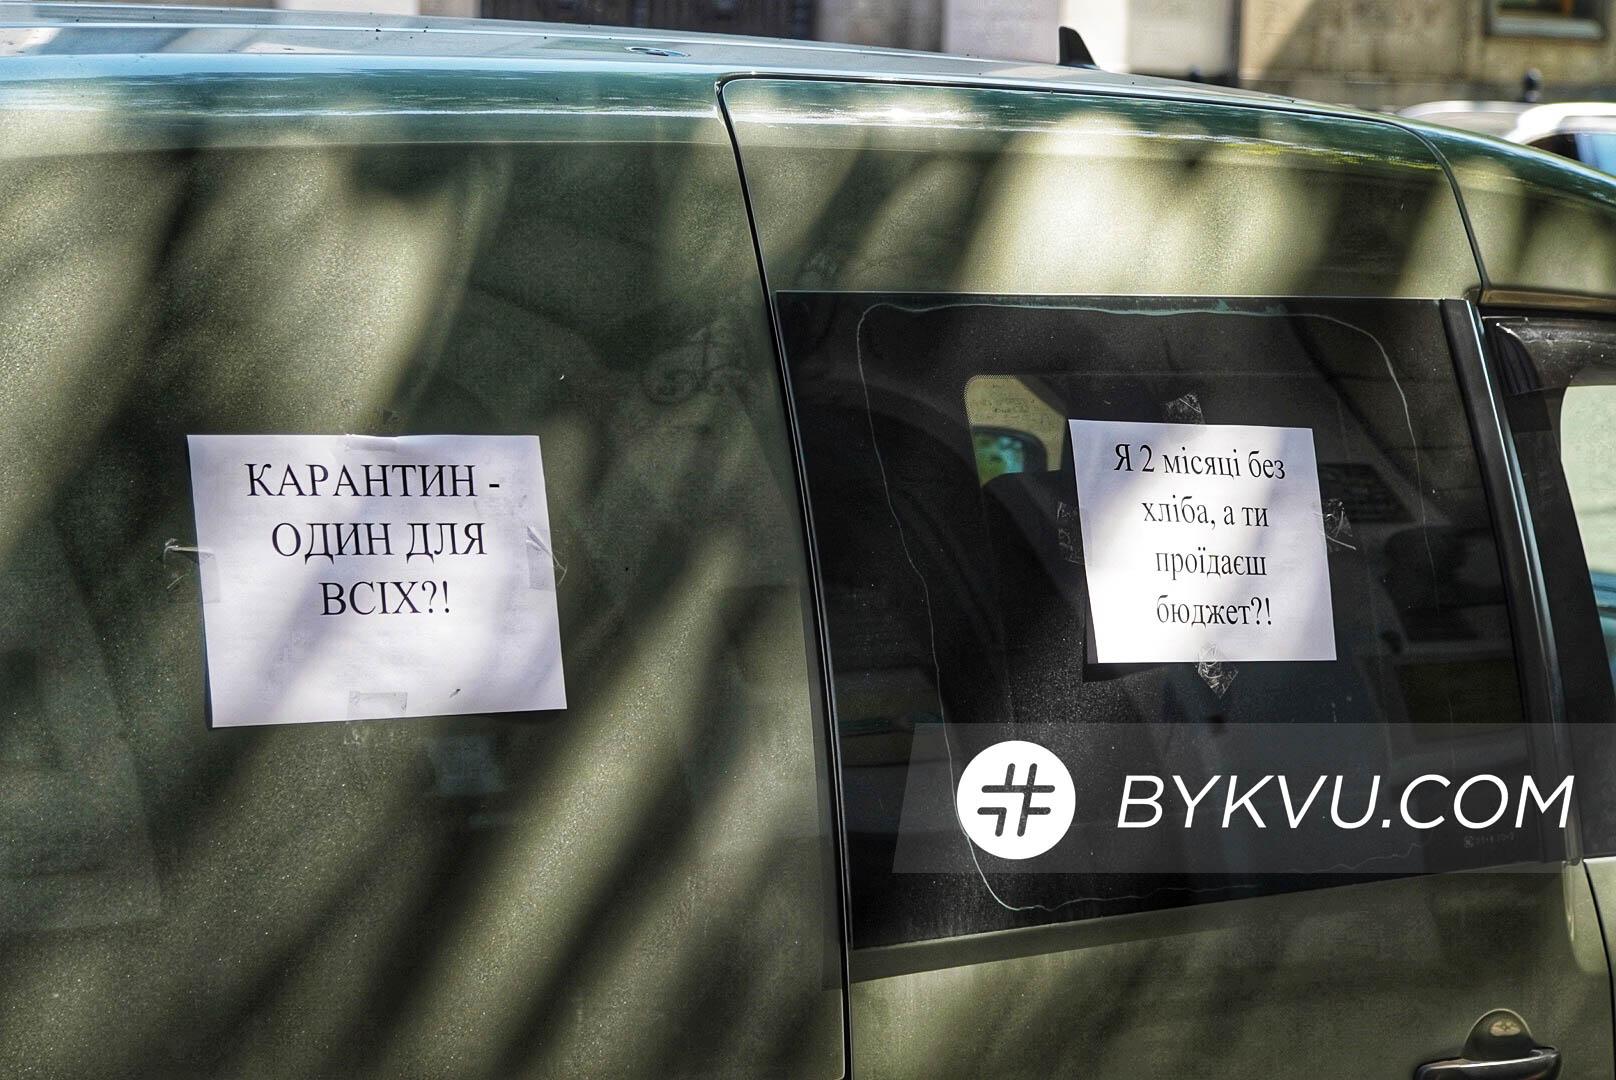 Митинг_Кабинет Министров_стычка_29 апреля